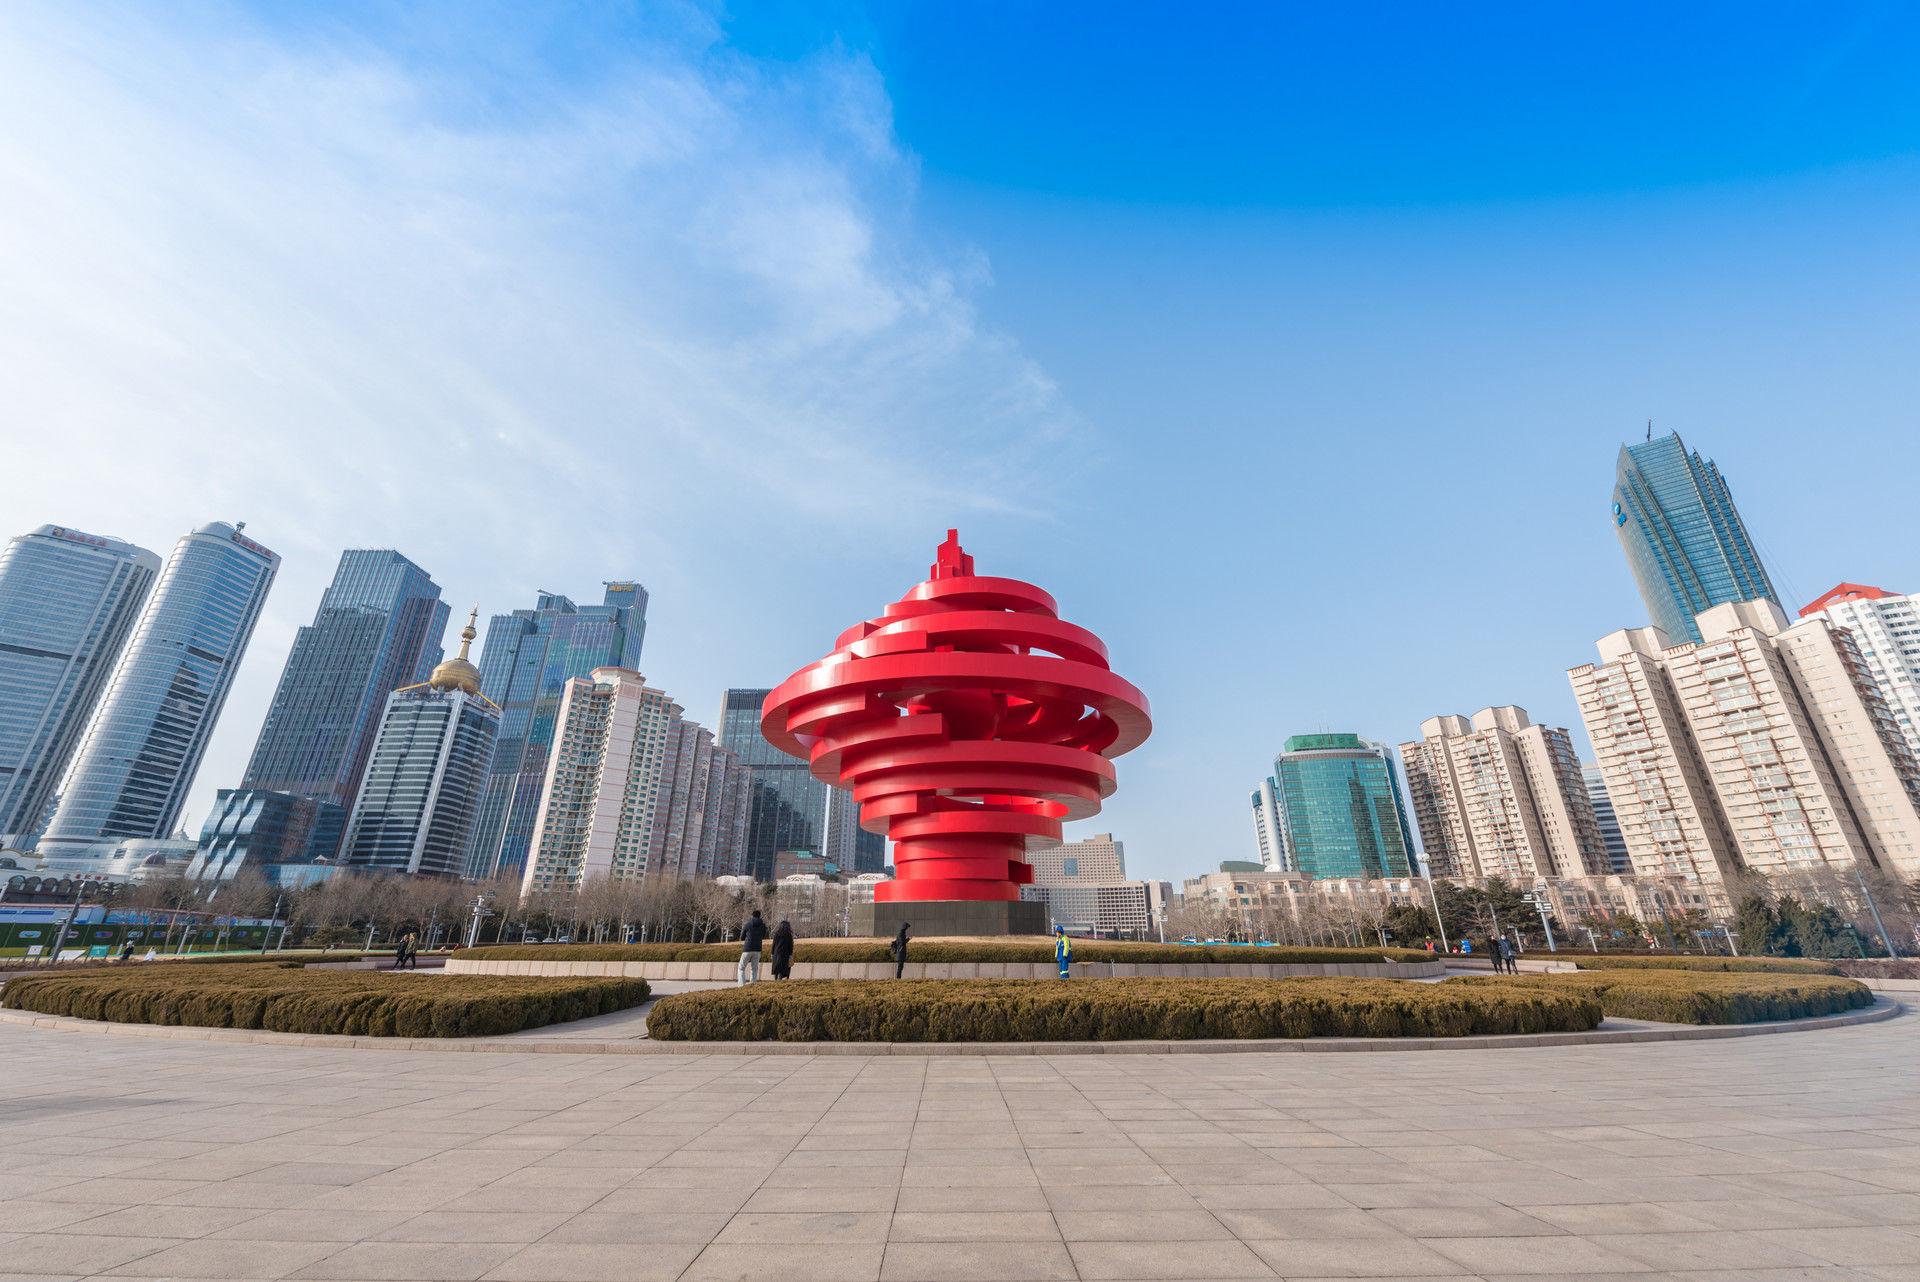 财经资讯_预计到2020年,青岛将成山东首个特大城市_青岛频道_凤凰网